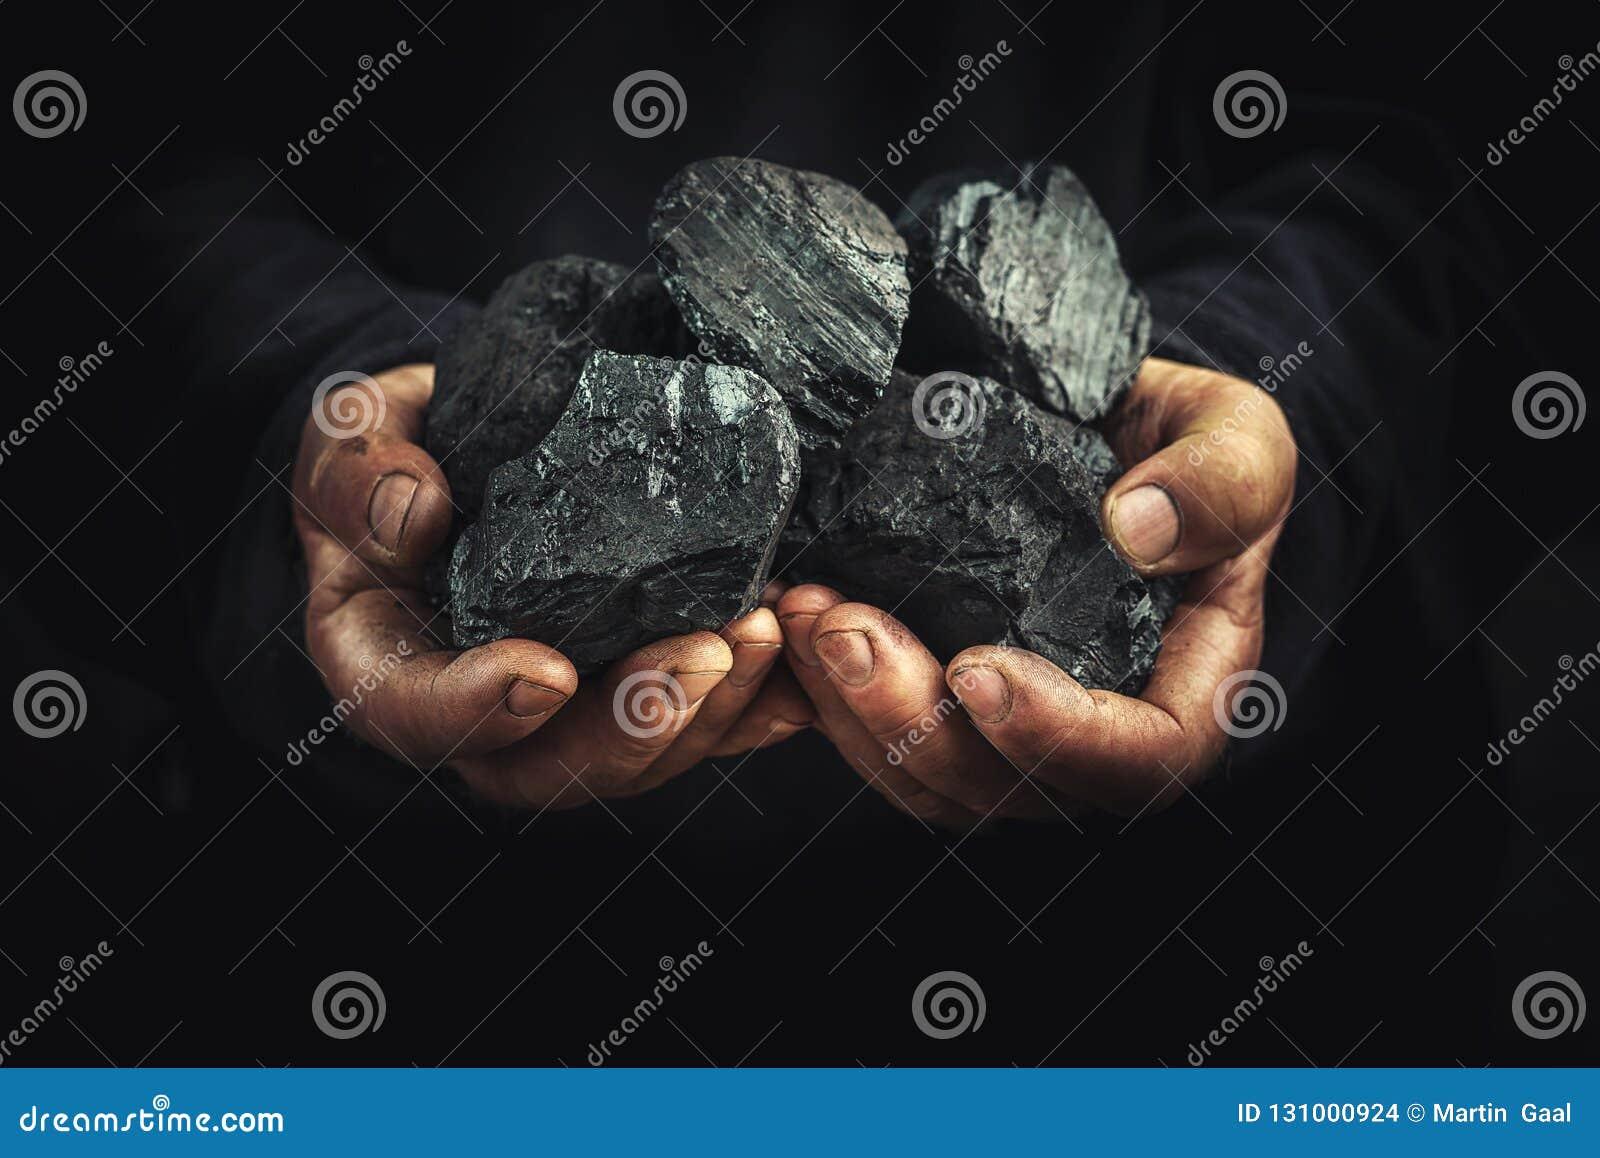 Svart kol i händerna, tung bransch, uppvärmning